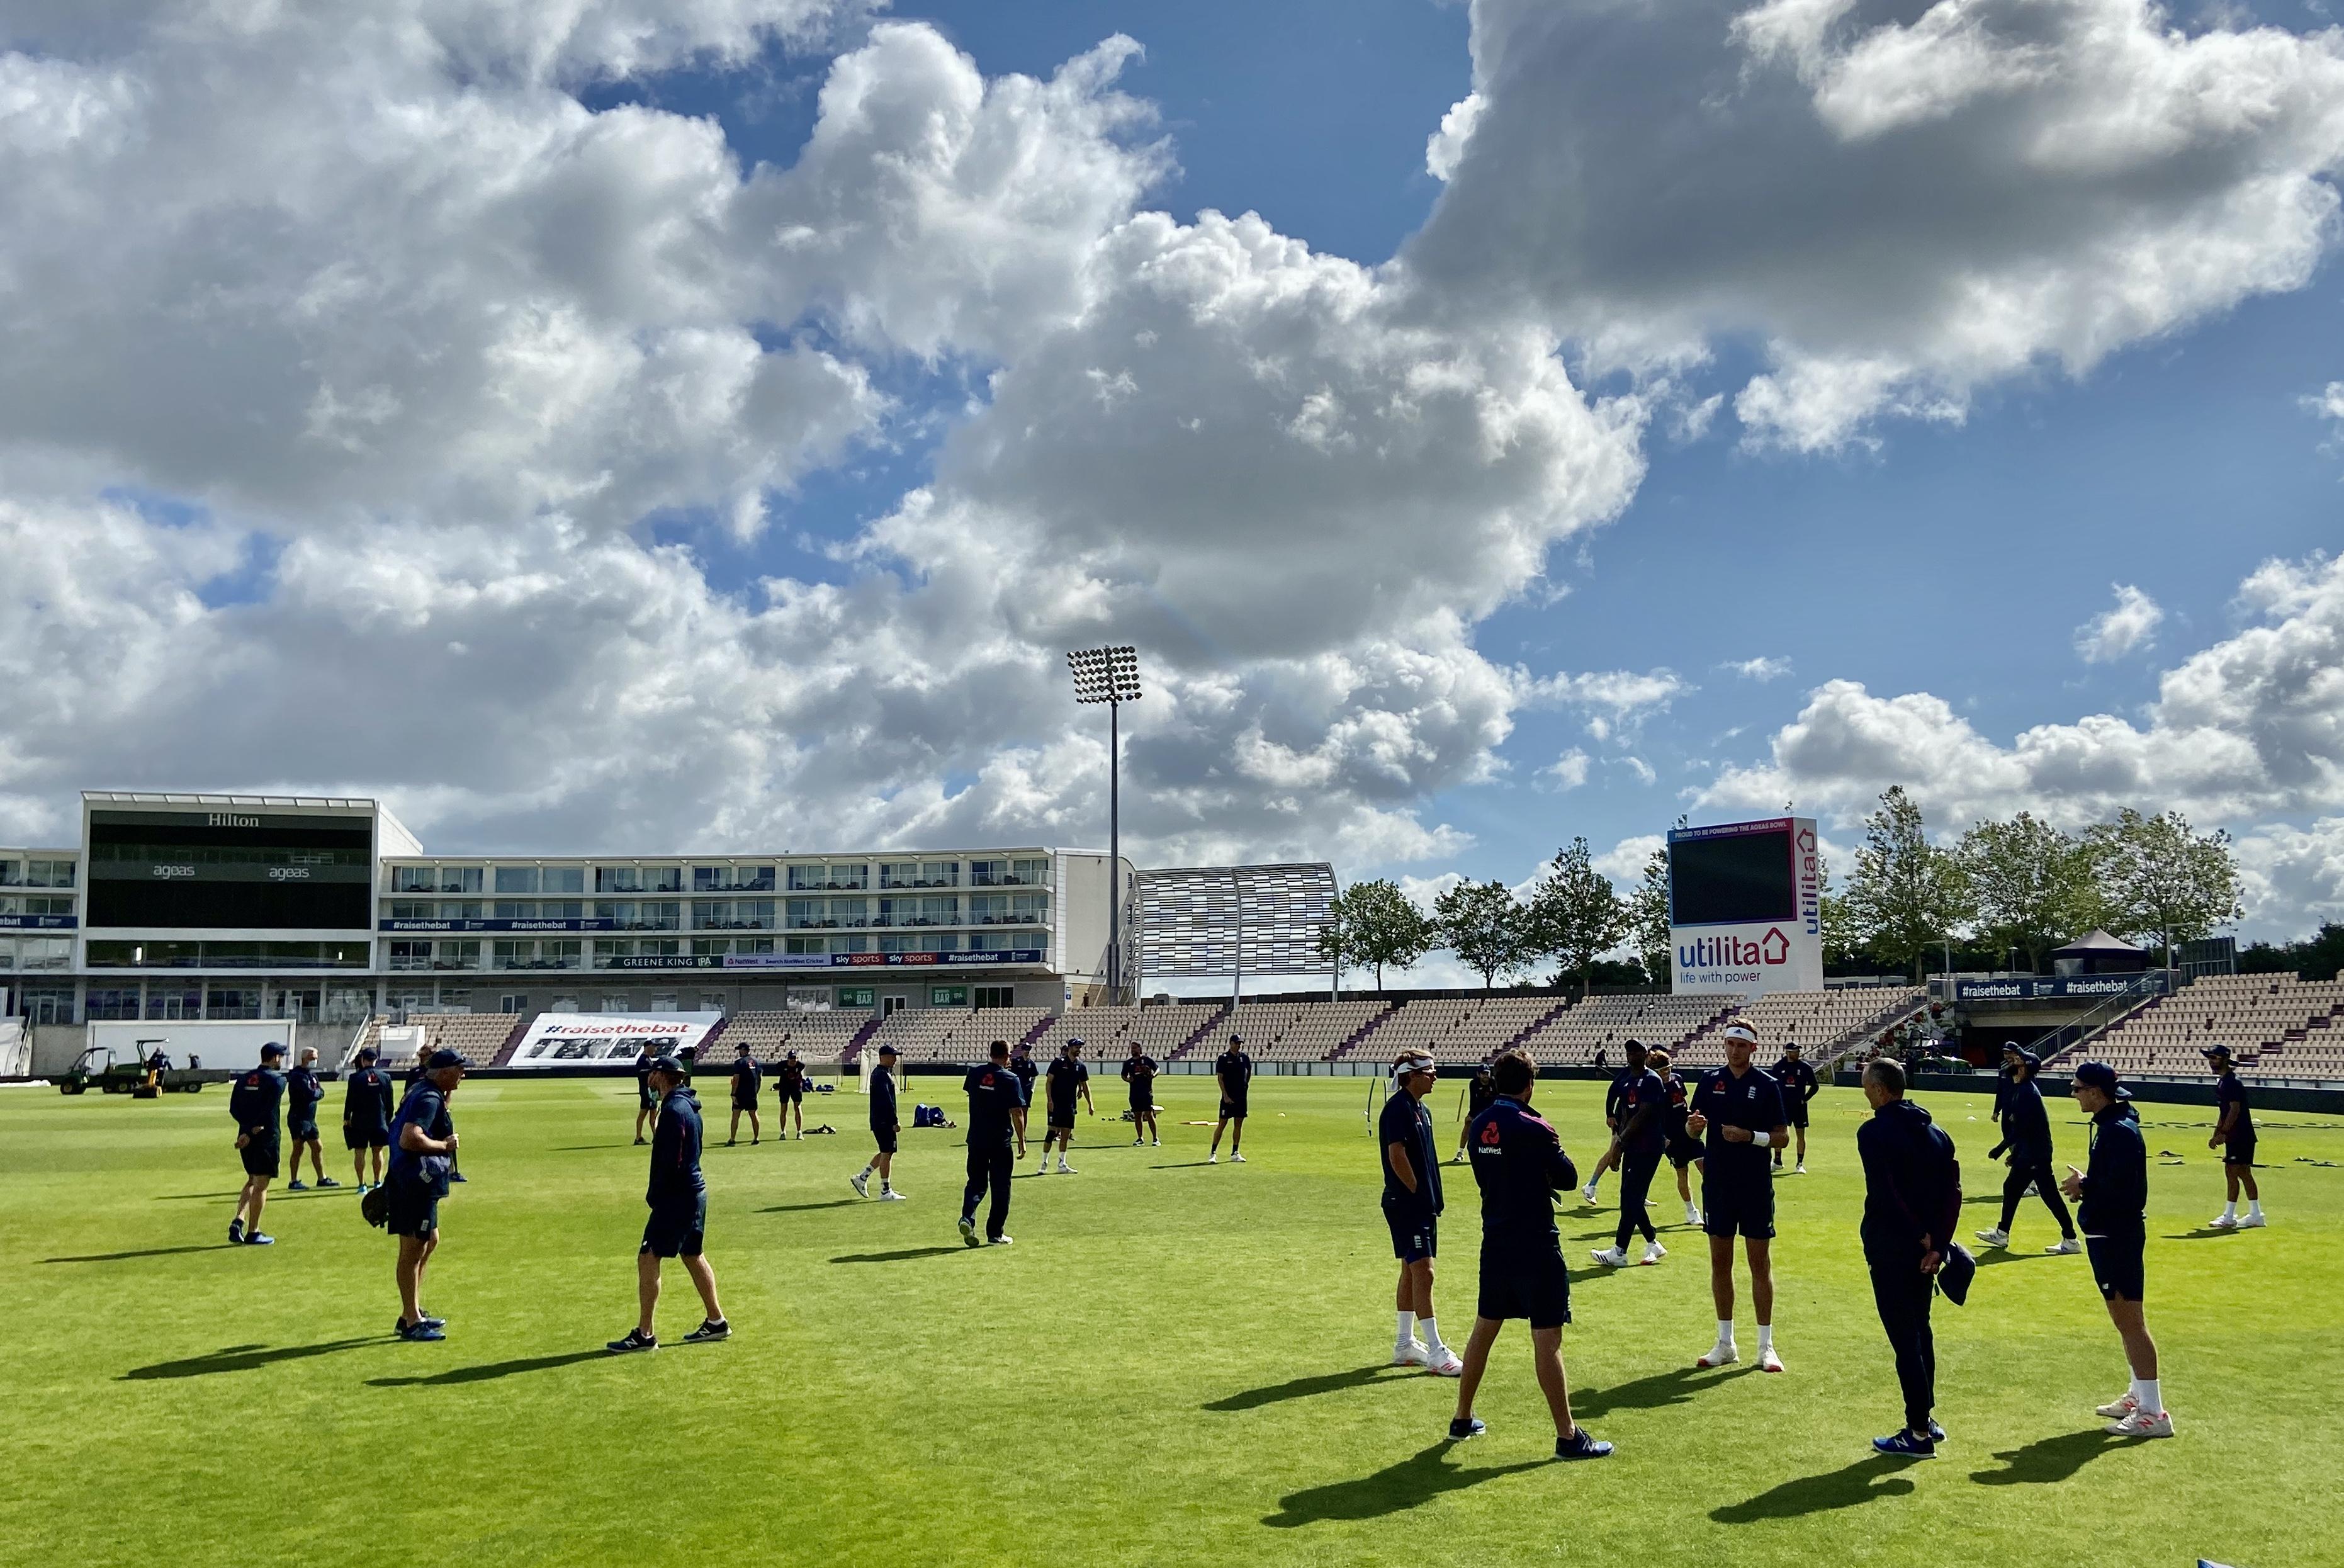 Die Testserie England-West Indies startet am 8. Juli beim Ageas Bowl